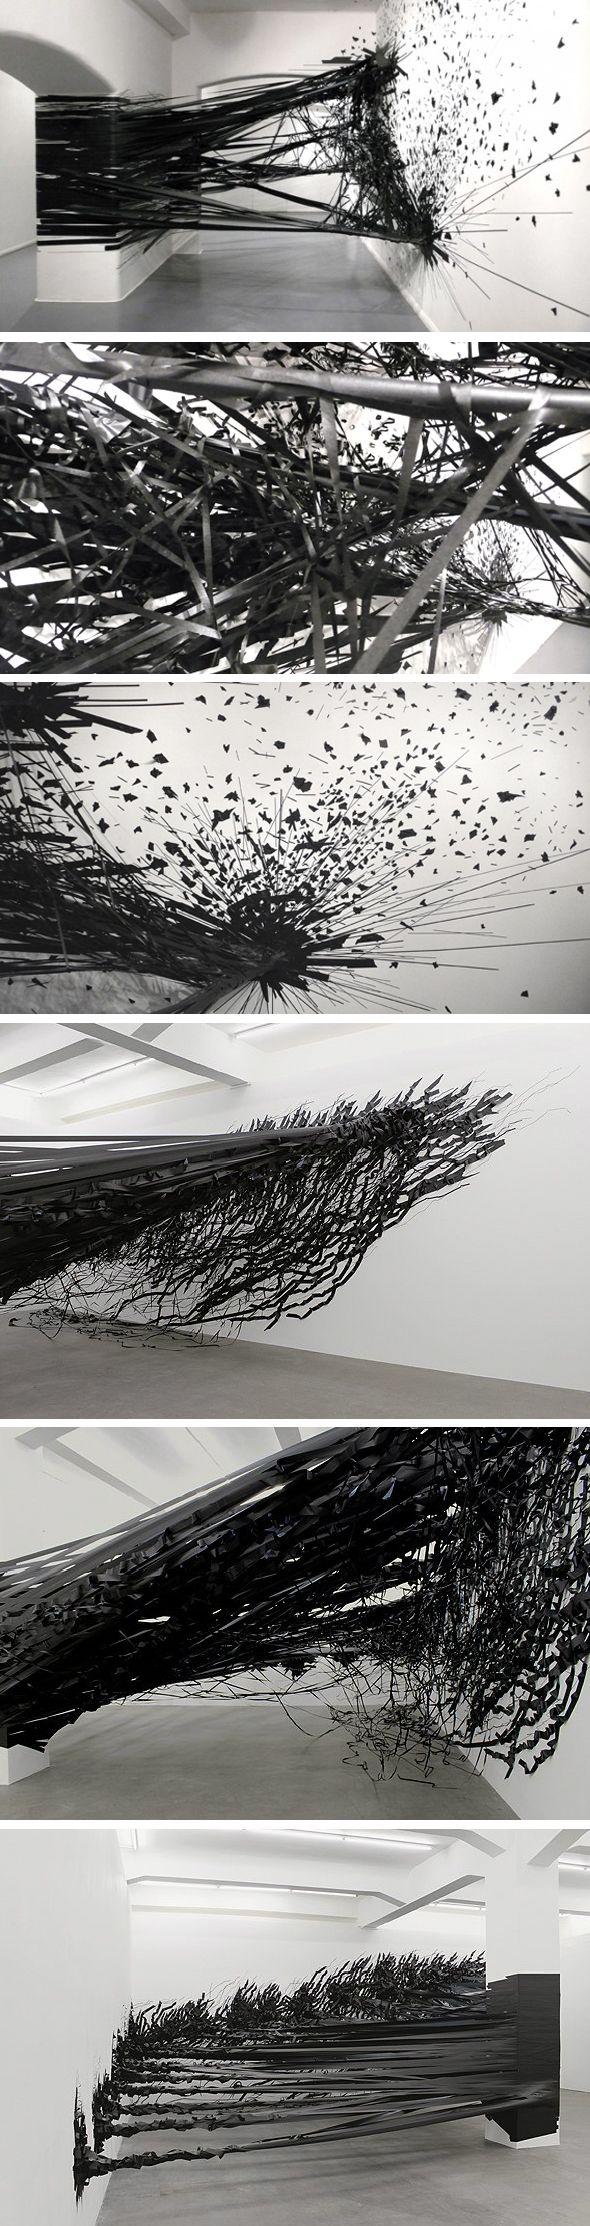 Monika Grzymala a créé une œuvre ténébreuse et déstructurée. Elle est réalisée entièrement avec du ruban adhésif noir et exposée dans la galerie Sumarria Lunn, à Londres.